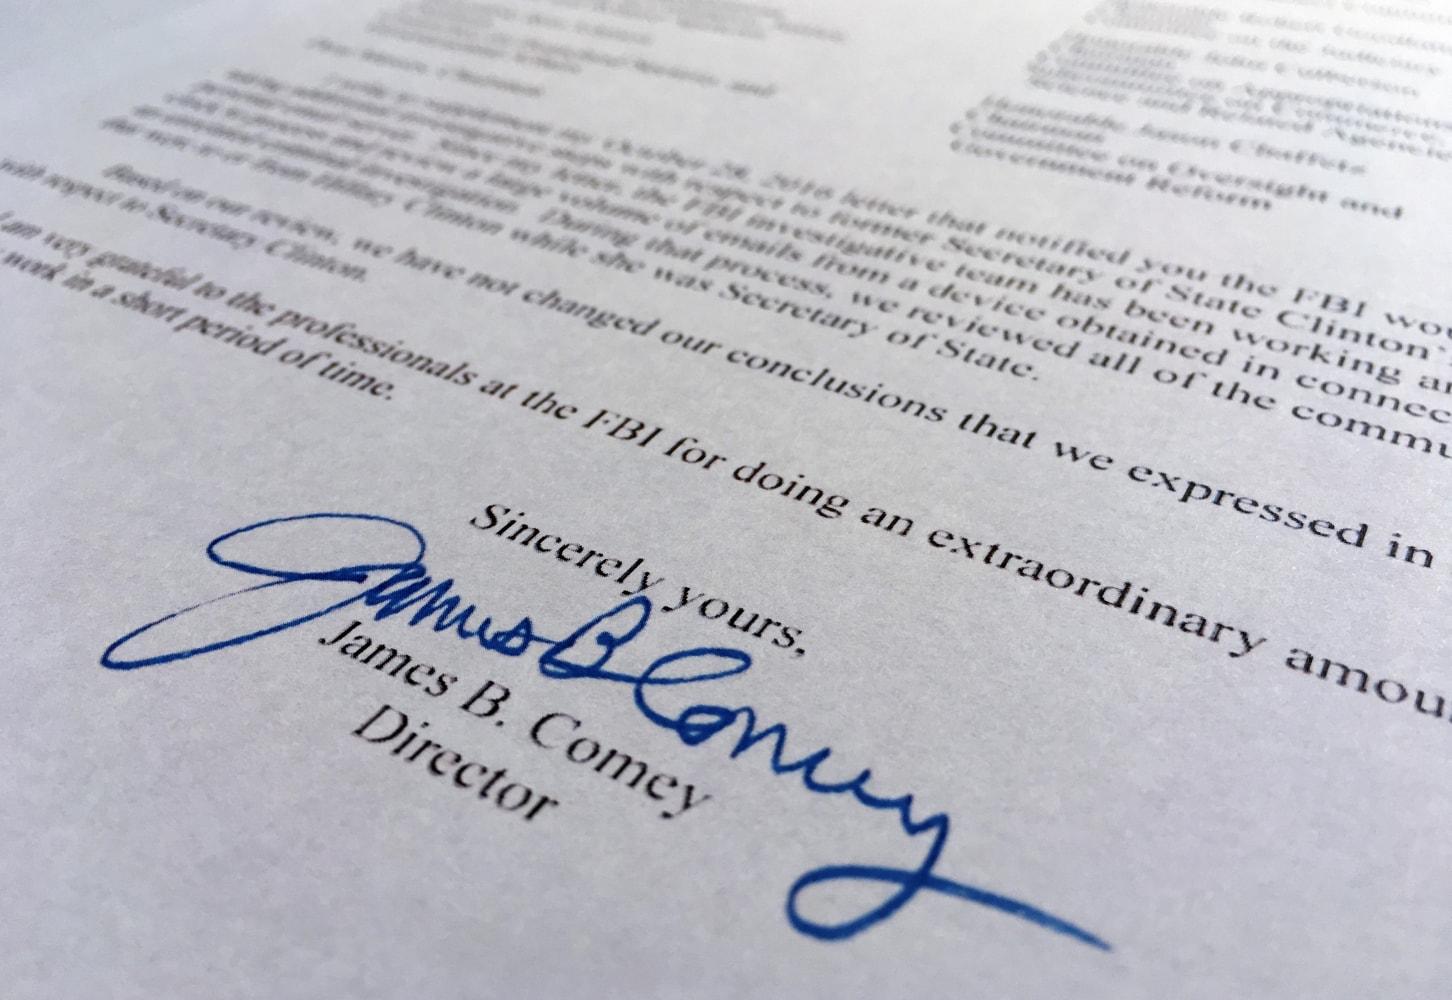 resignation letter word document%0A stopthebullshit real   html at master    jacquerie stopthebullshit     GitHub